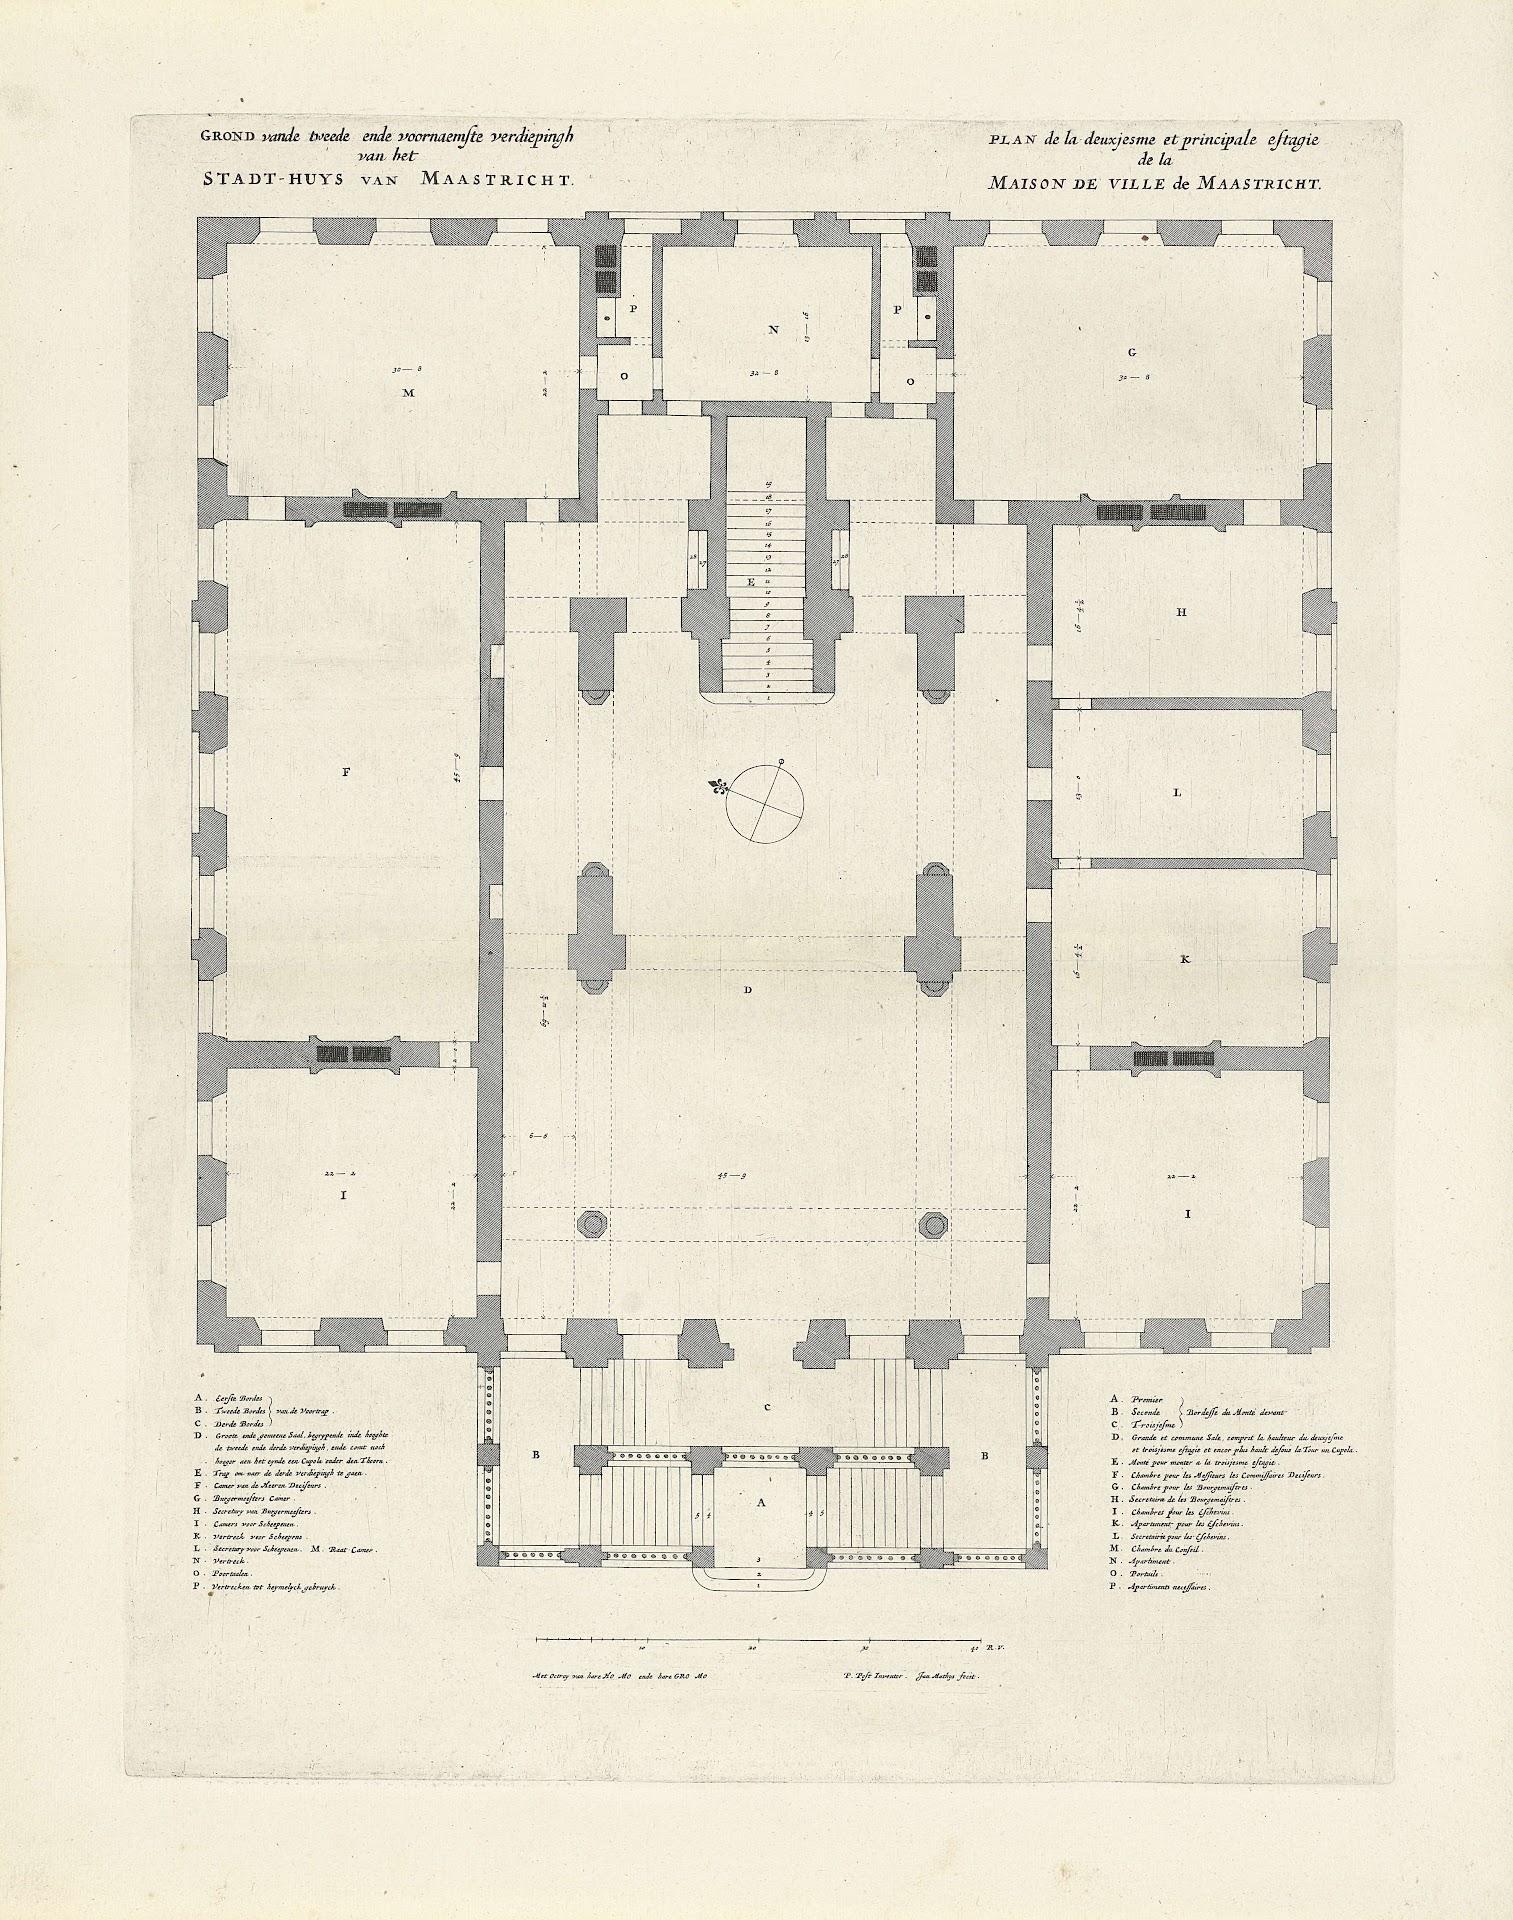 Plattegrond Van Het Rijksmuseum.Plattegrond Van De Tweede Verdieping Van Het Stadhuis Van